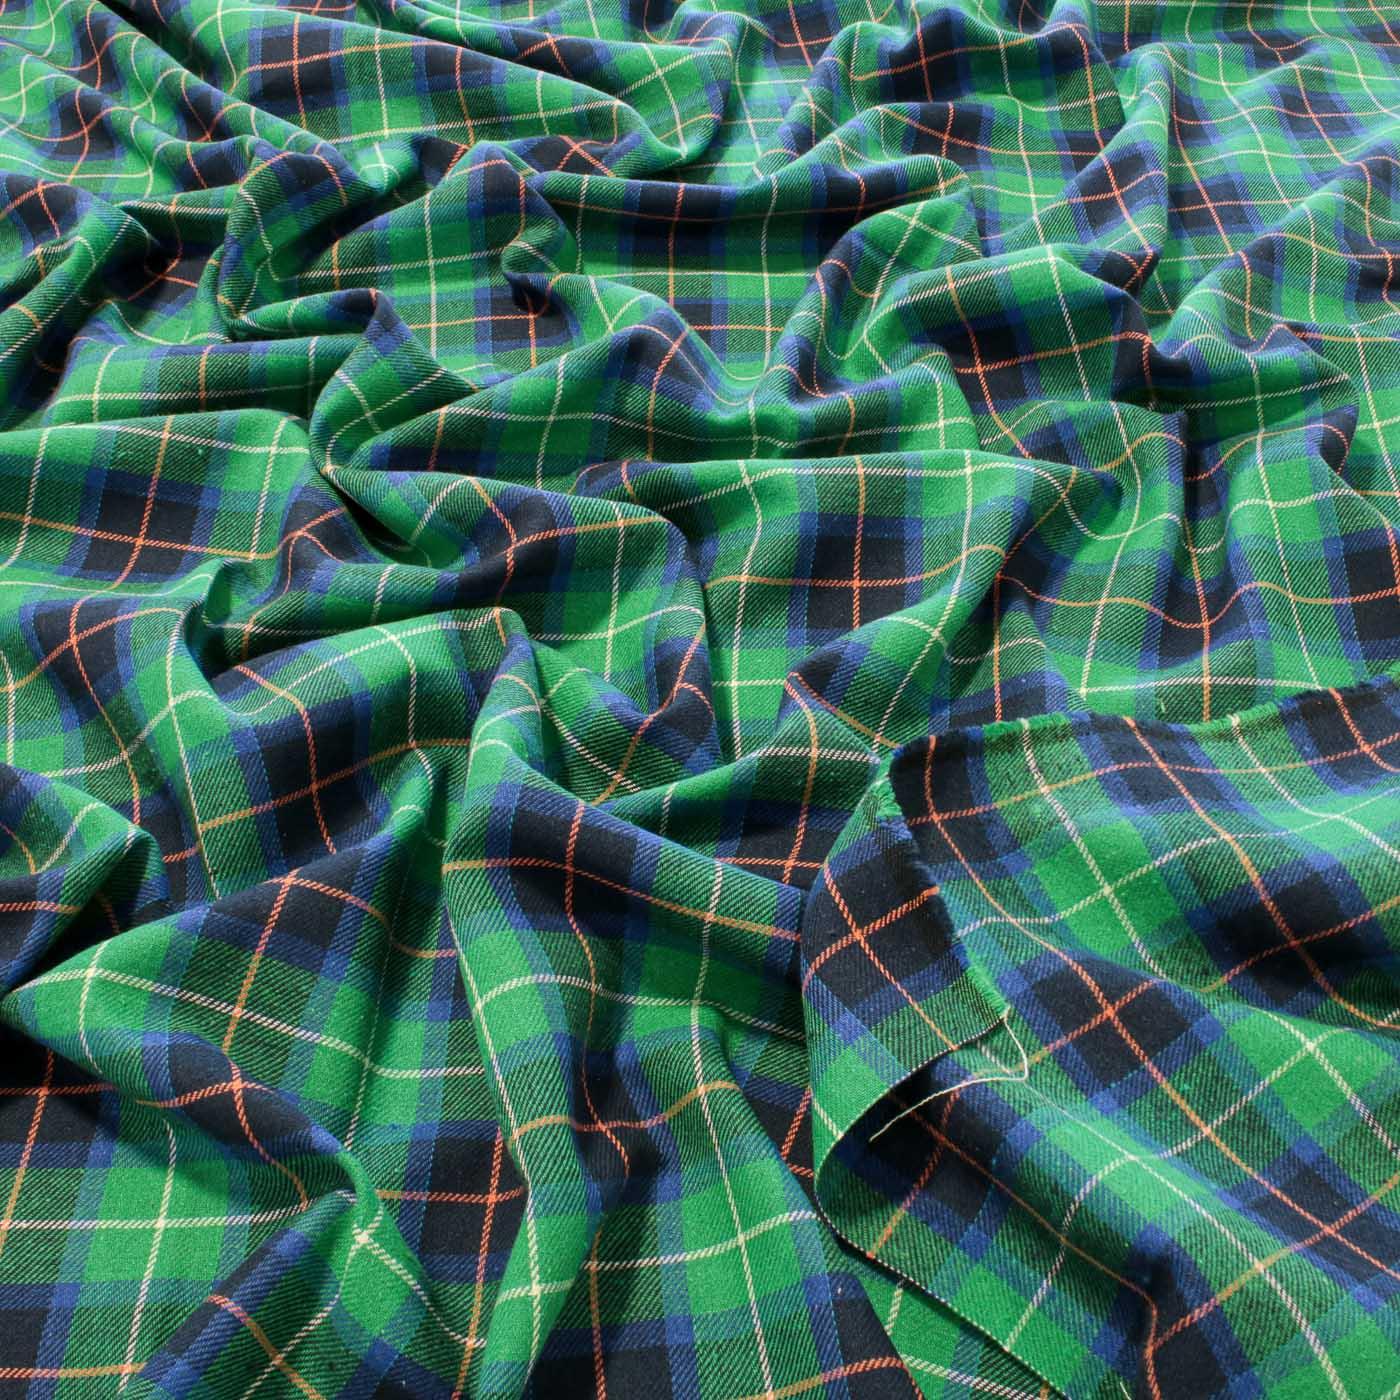 Tecido Flanela Xadrez Verde e Azul Royal Estampada Felpudo